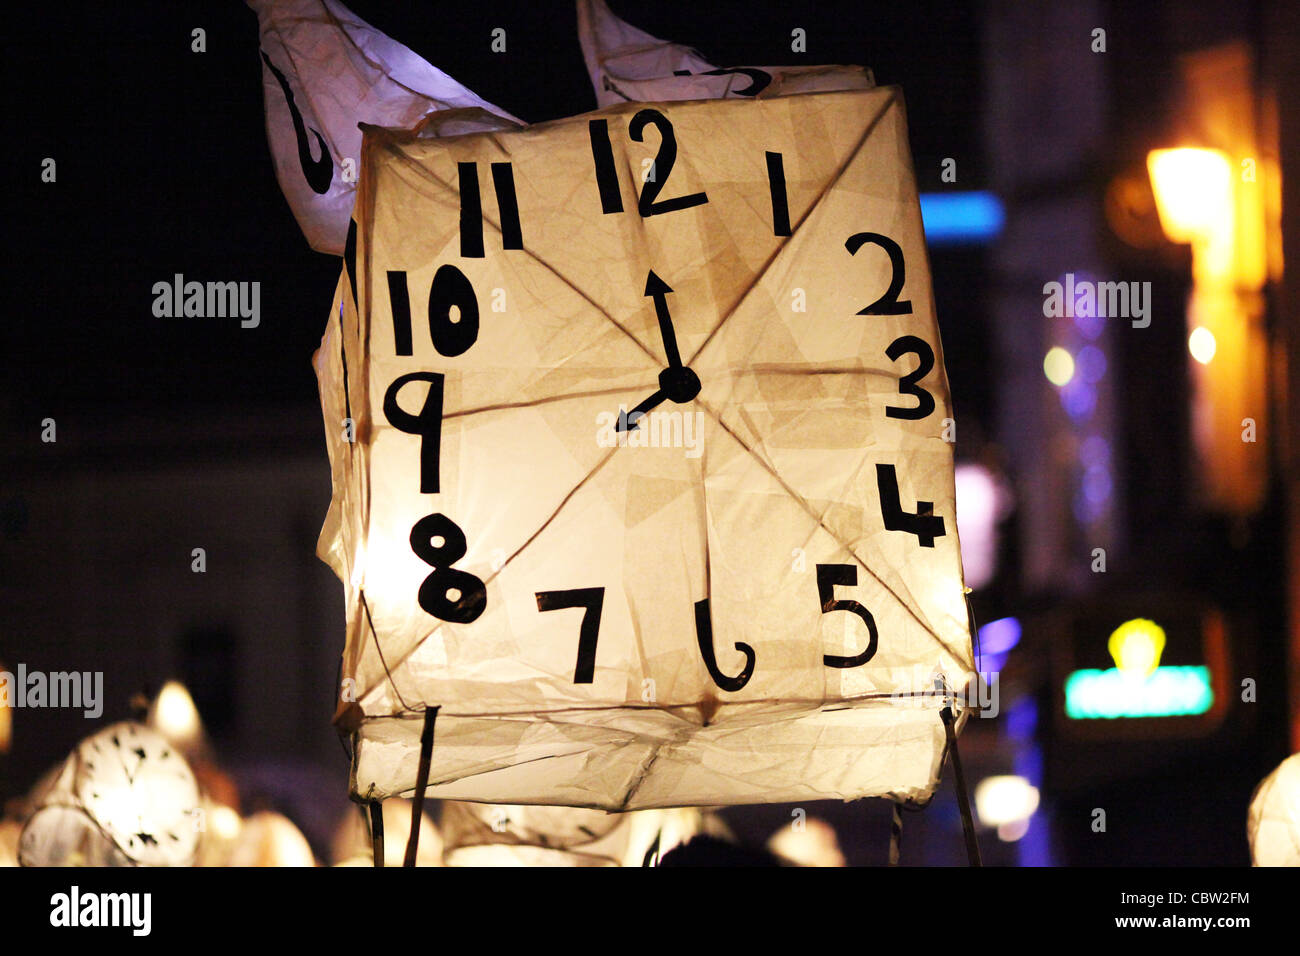 Revelers prendre part au brûlage annuel les horloges Winter Solstice parade dans les rues de Brighton. Par Photo Stock